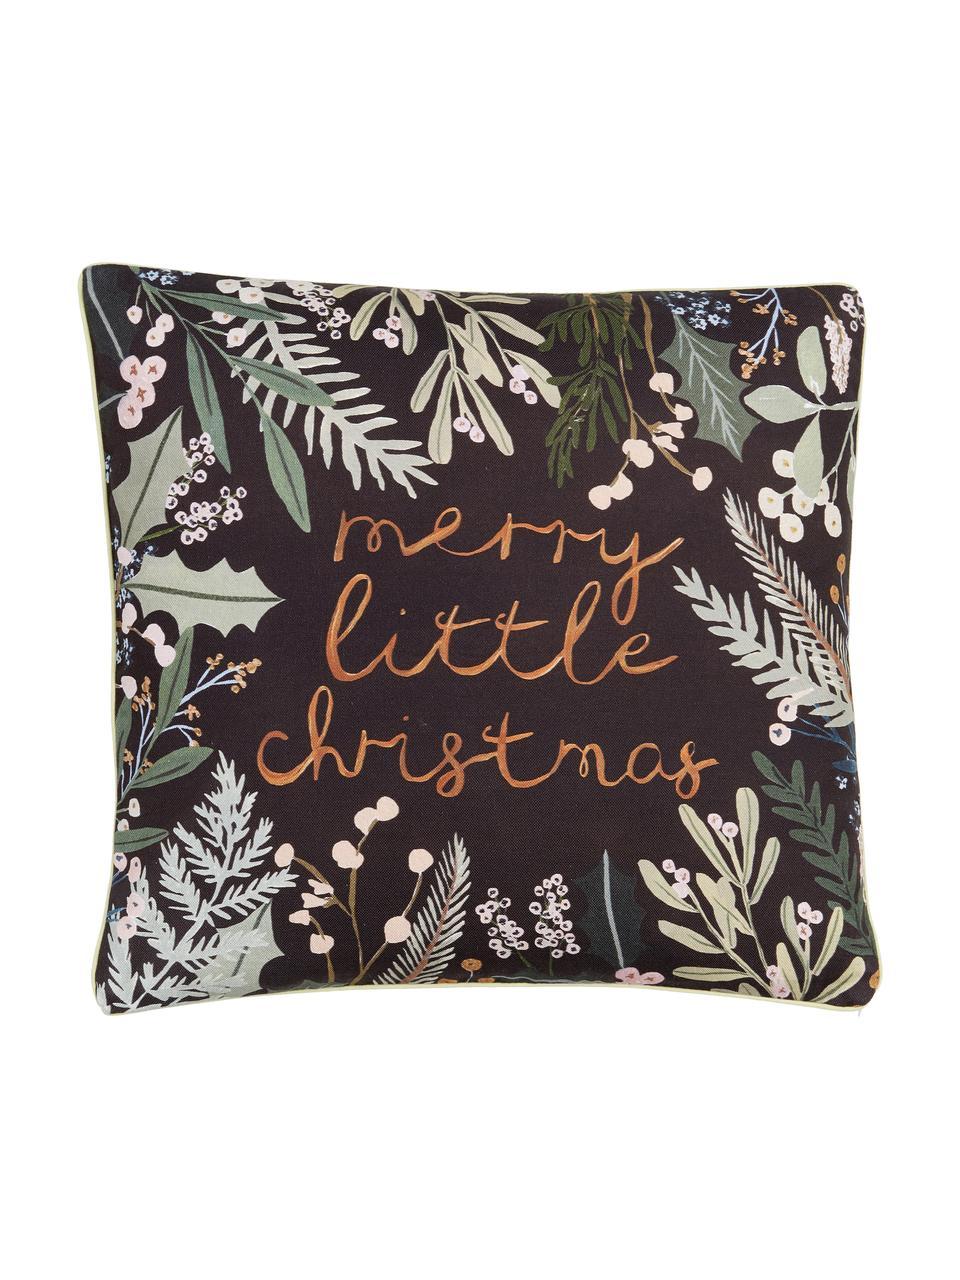 Designer Wende-Kissenhülle Merry Little Christmas von Candice Gray, 100% Baumwolle, GOTS zertifiziert, Mehrfarbig, 45 x 45 cm